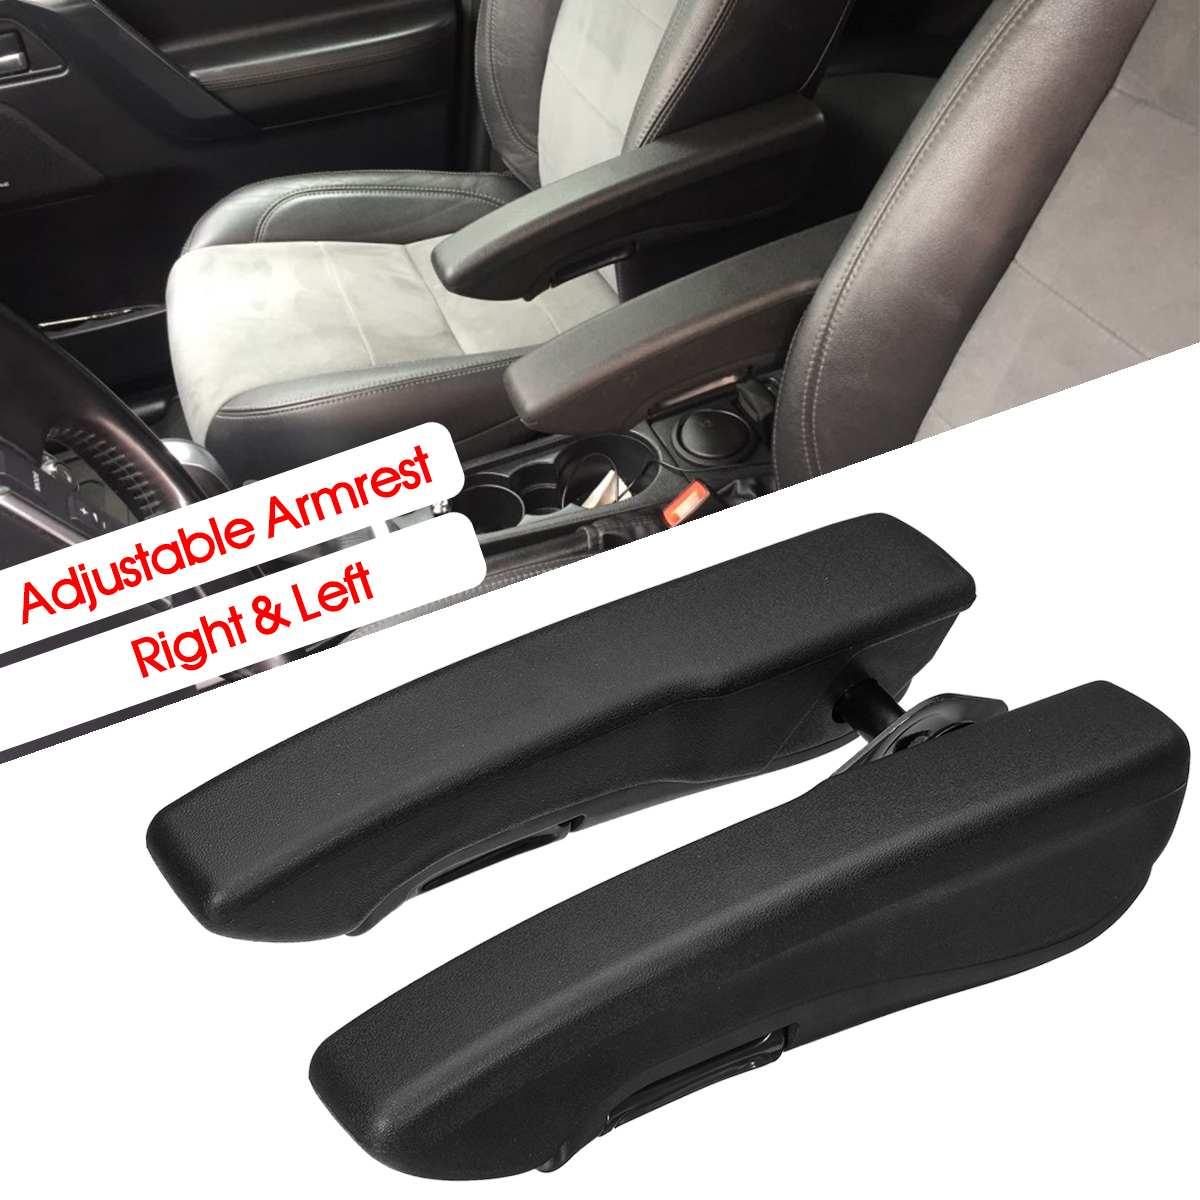 TANOU Auto Bracciolo Regolabile Universale della Sede Automobile per Il Furgone di RV Van Motorhome per Grammer Msg85 Msg95 Giusto